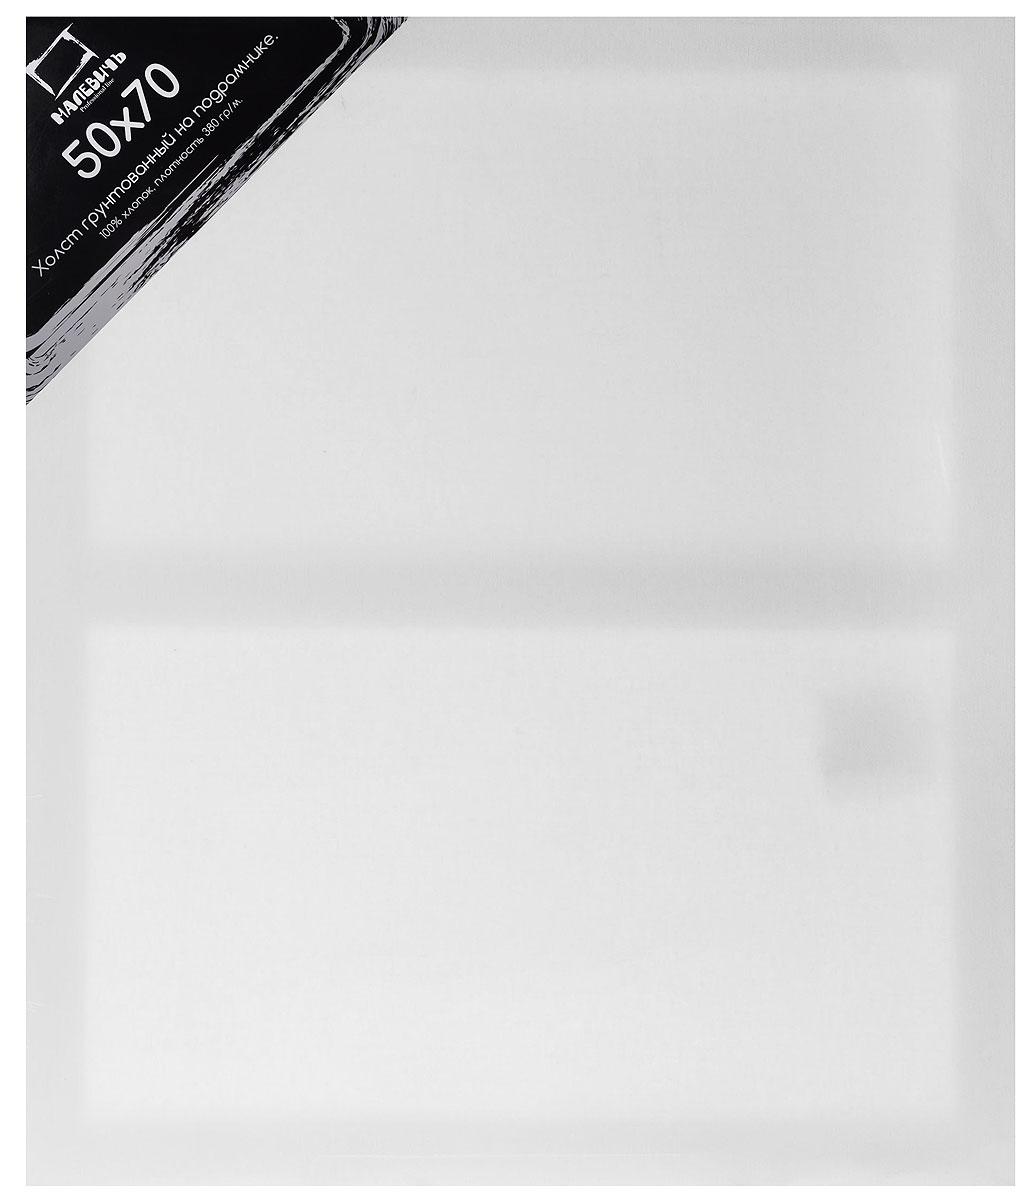 Малевичъ Холст на подрамнике 50 x 70 см 380 г/м2